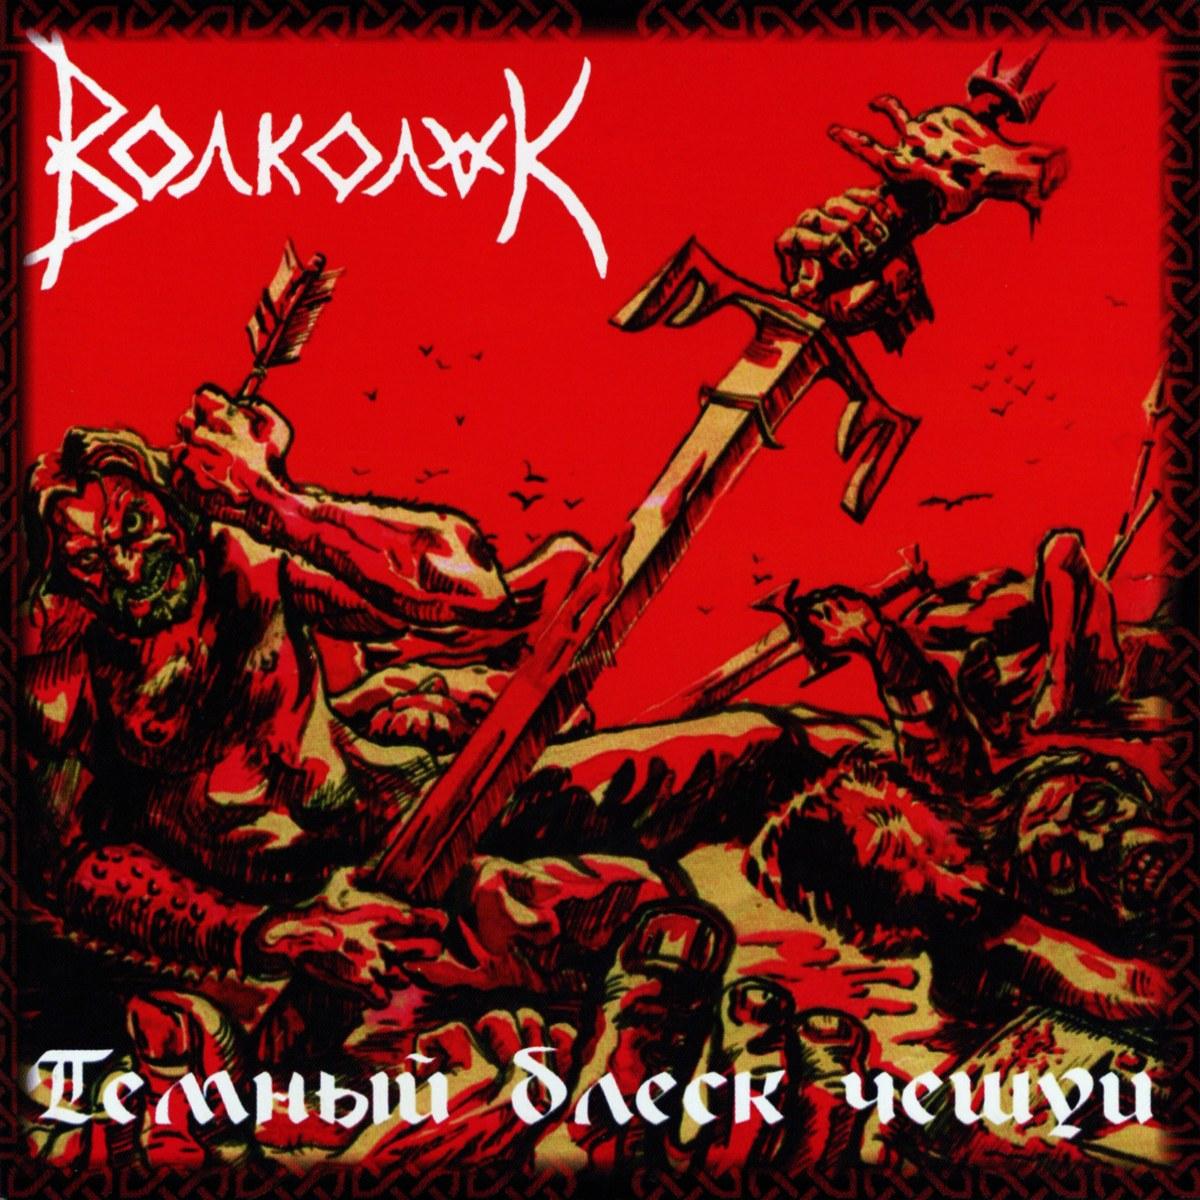 Volkolak / Волколак - Тёмный блеск чешуи